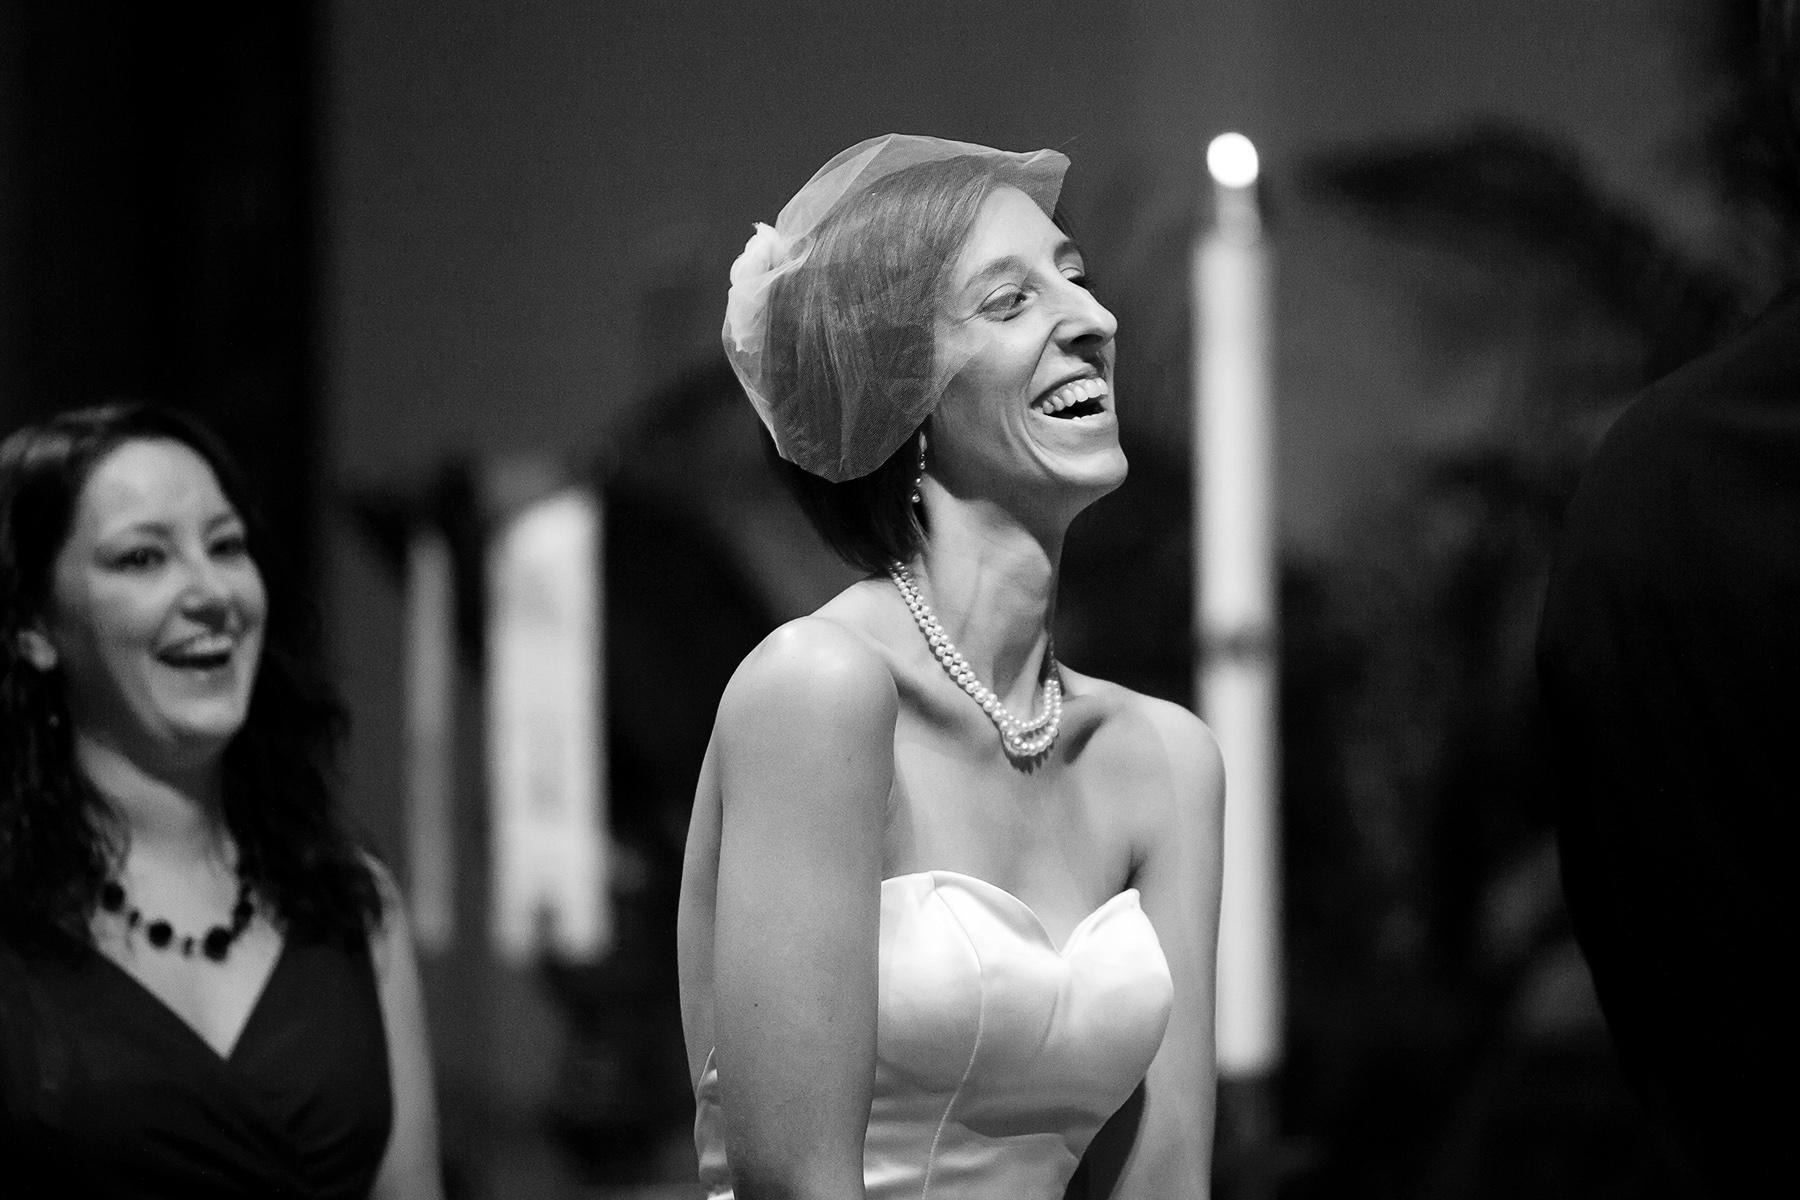 Grace UMC Photos de mariage à l'église - 458 Ponce de Leon Ave | La mariée en riant pendant la cérémonie